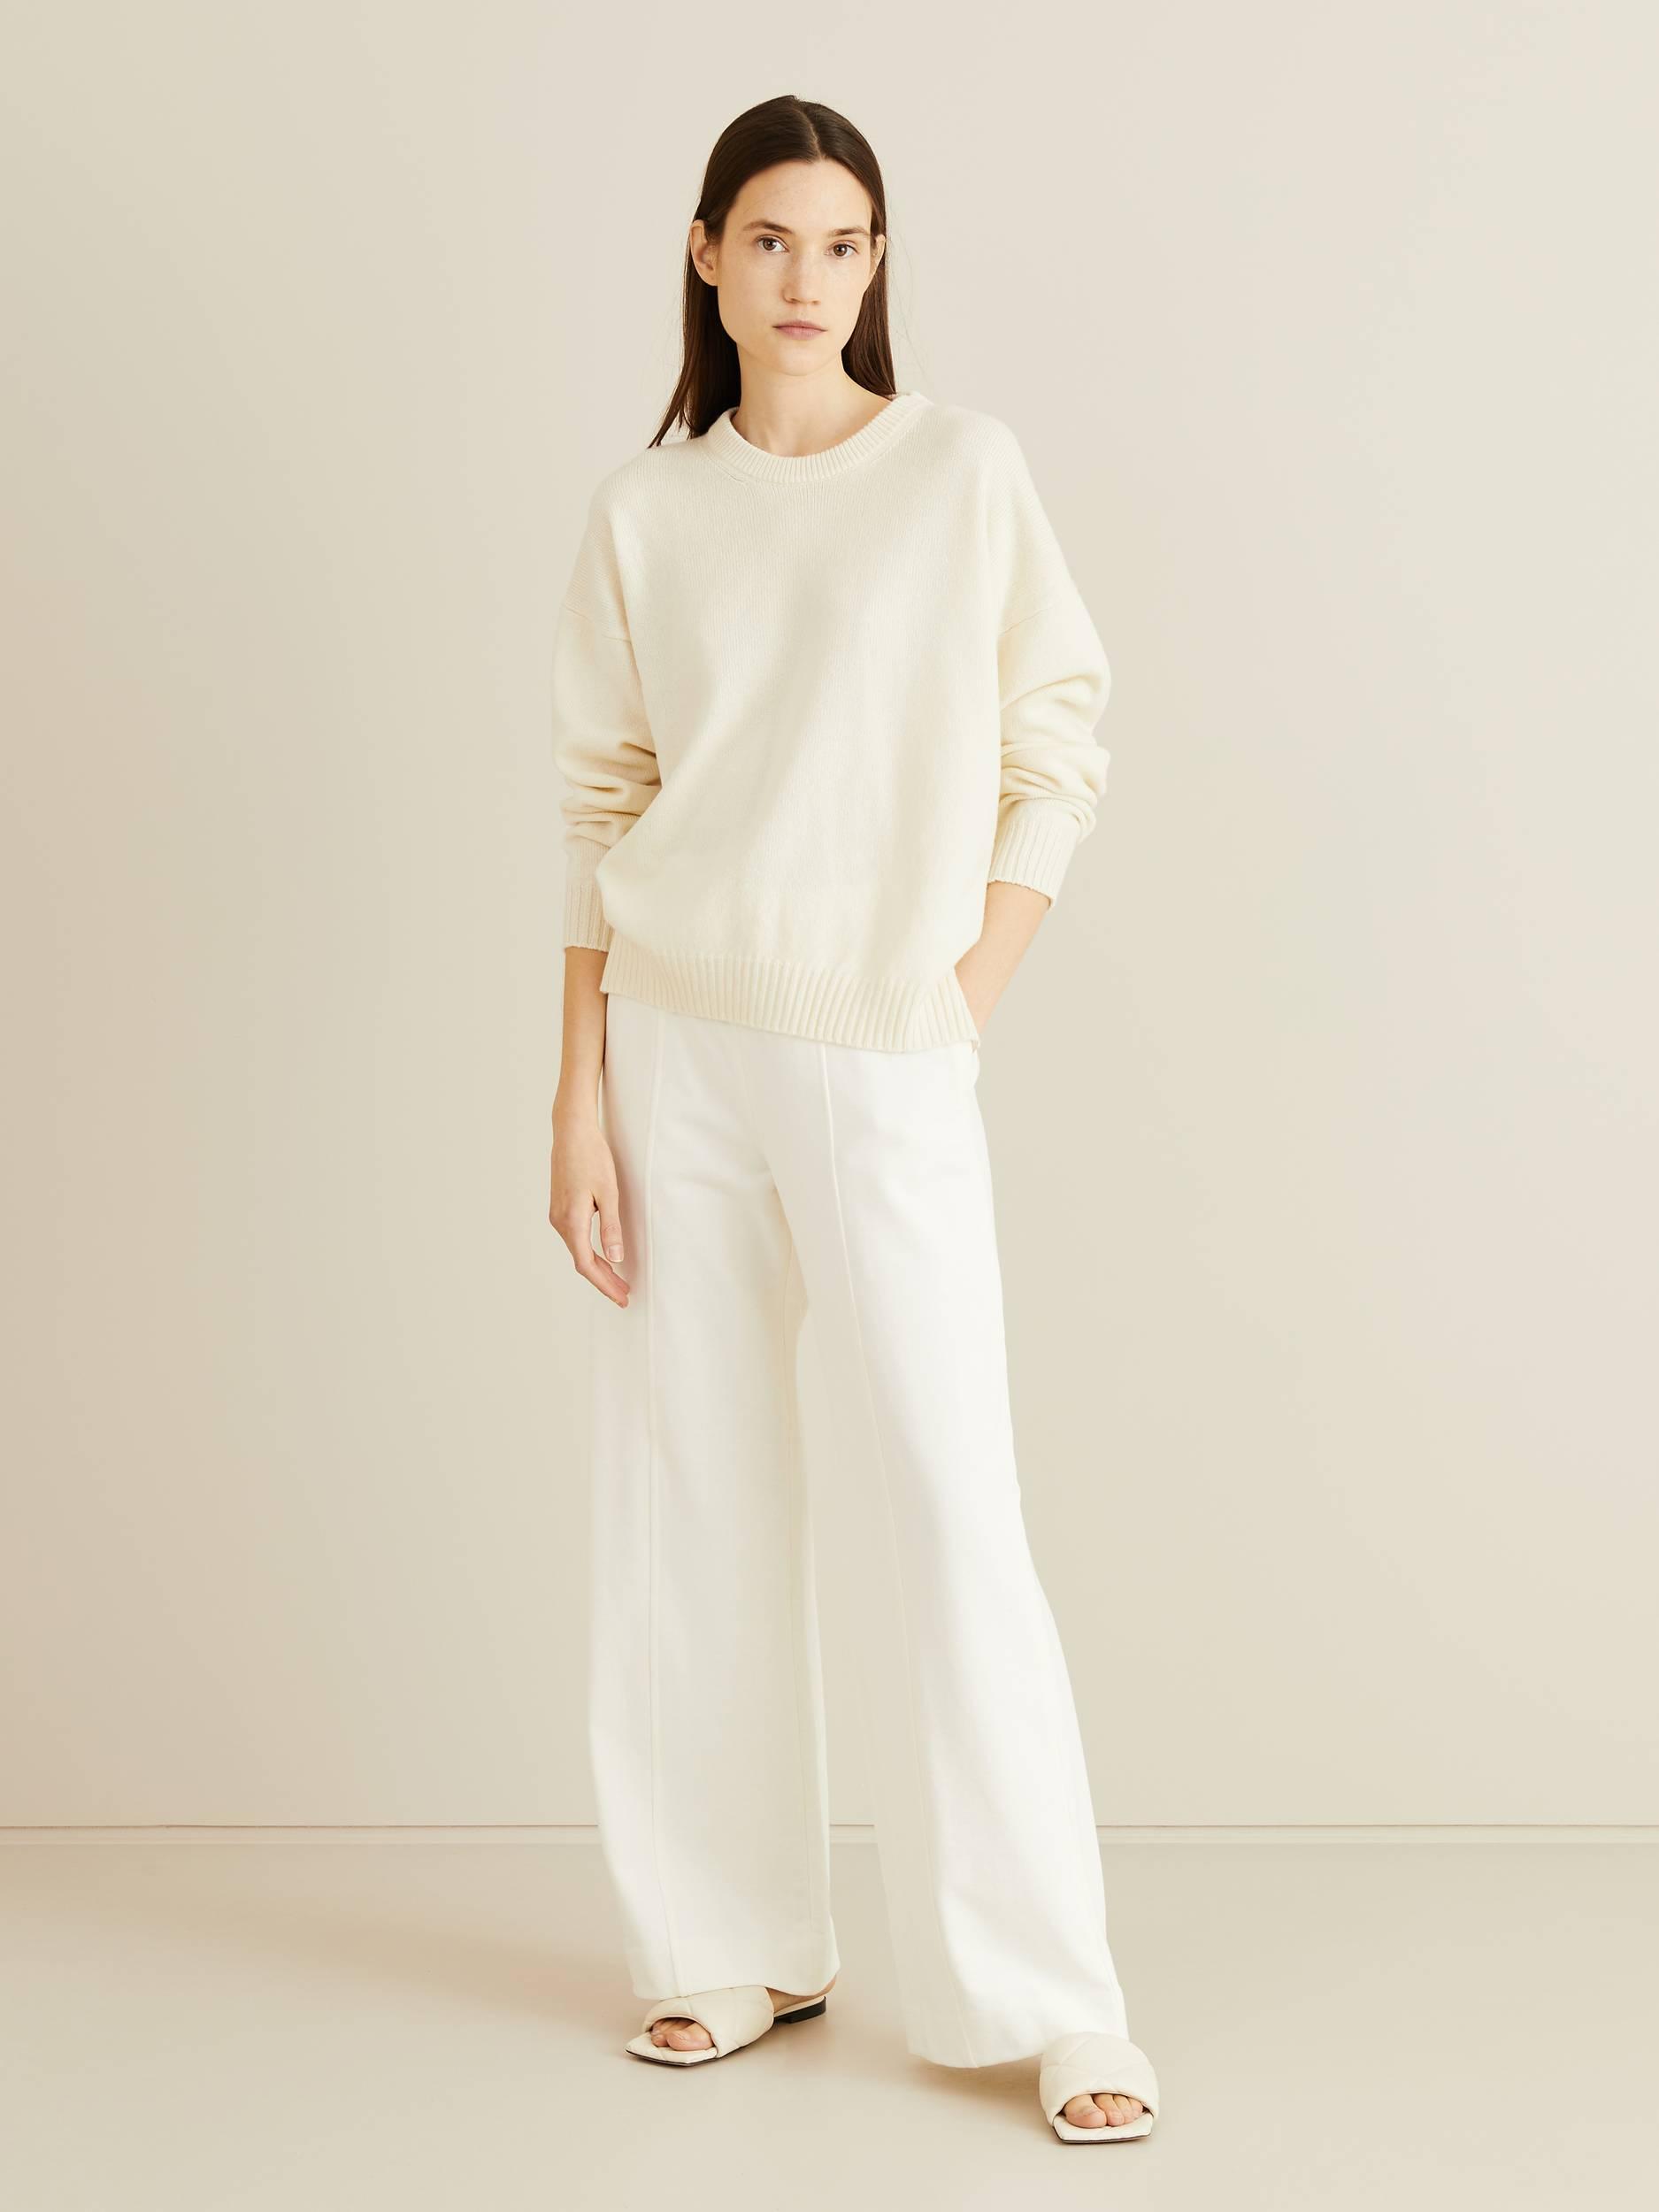 The Row - Merino-Cashmere-Pullover 'Ciranne' Crème